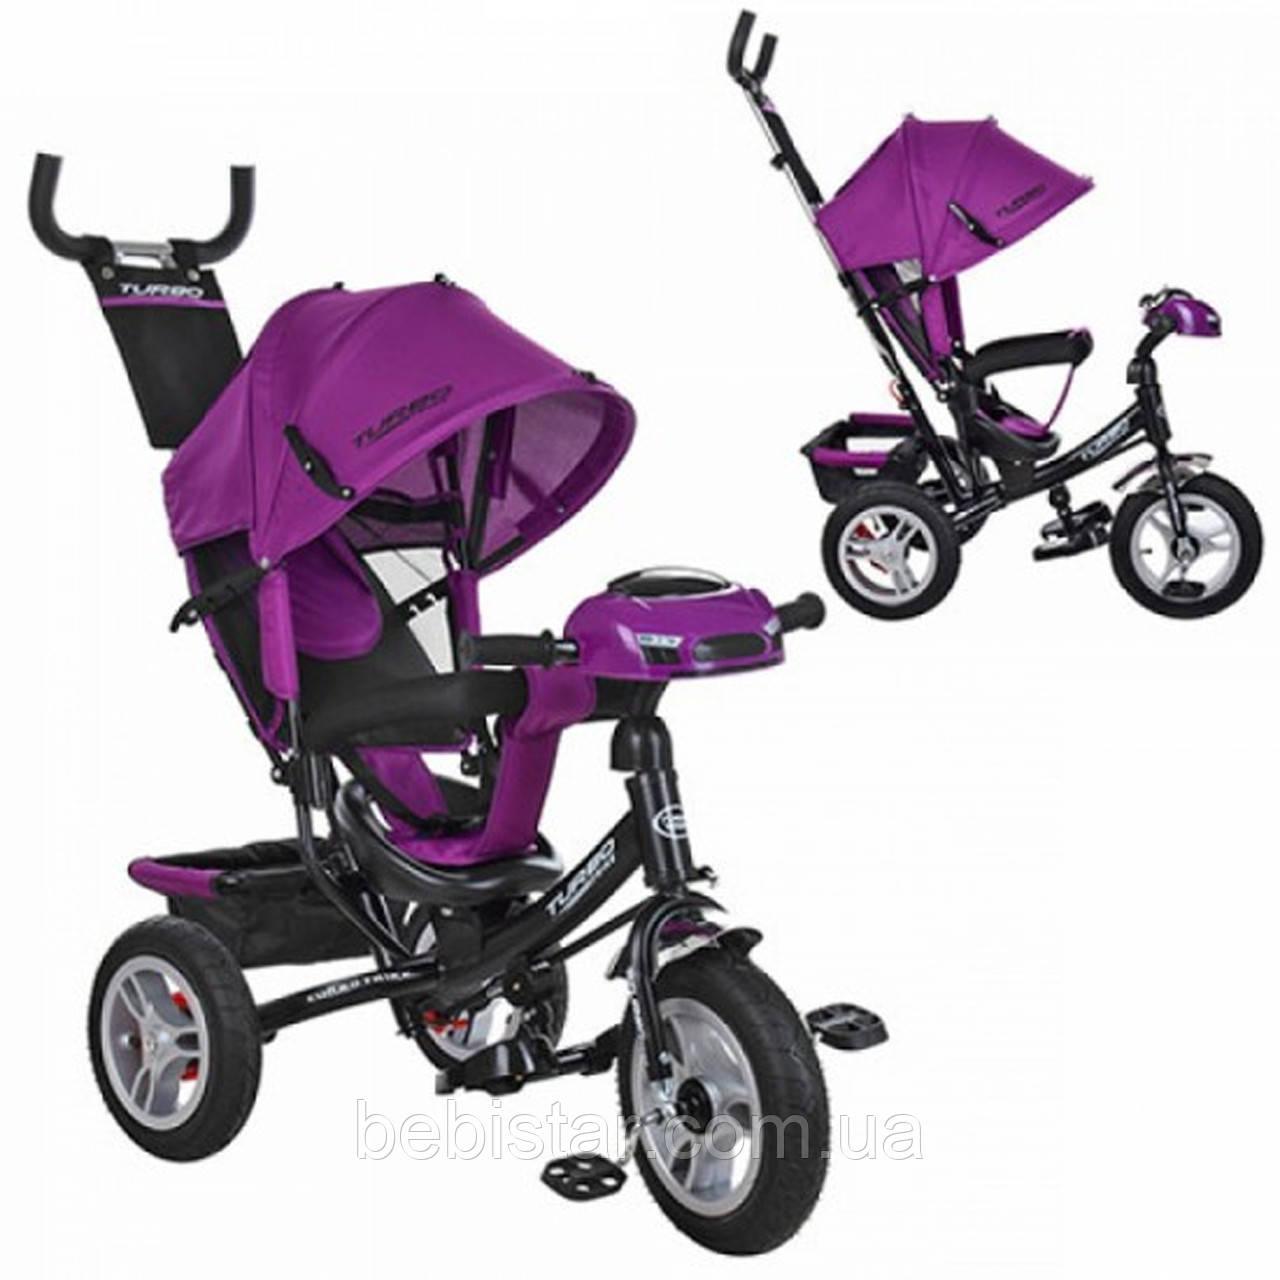 """Детский трехколесный велосипед """"Turbo Trike"""" с музыкальной панелью и фарой, цвет: фиолетовый"""